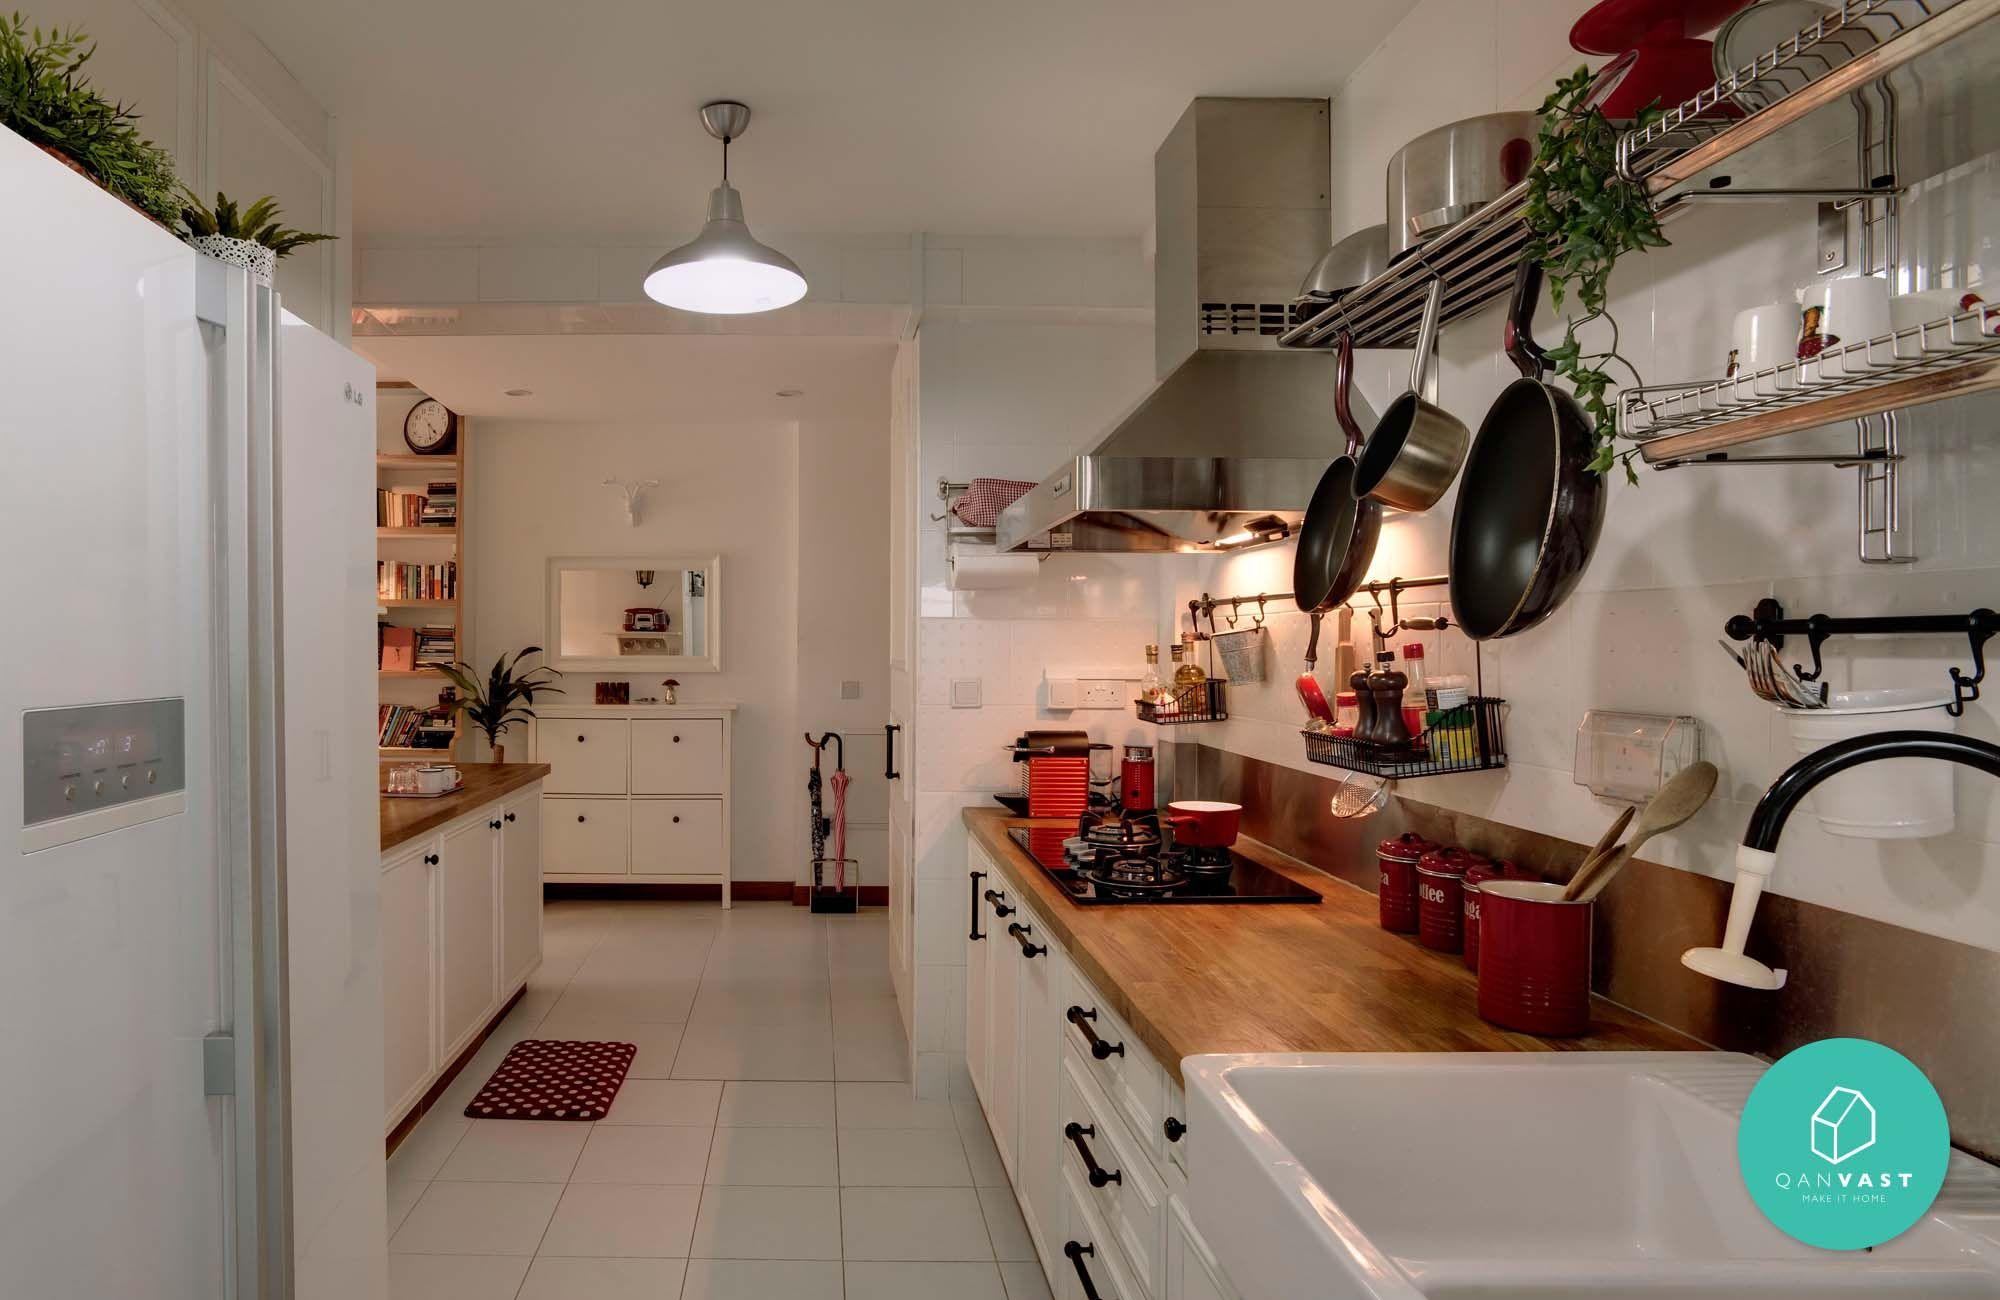 punggol hdb kitchen design practice sg interior design kitchen on kitchen ideas singapore id=68584